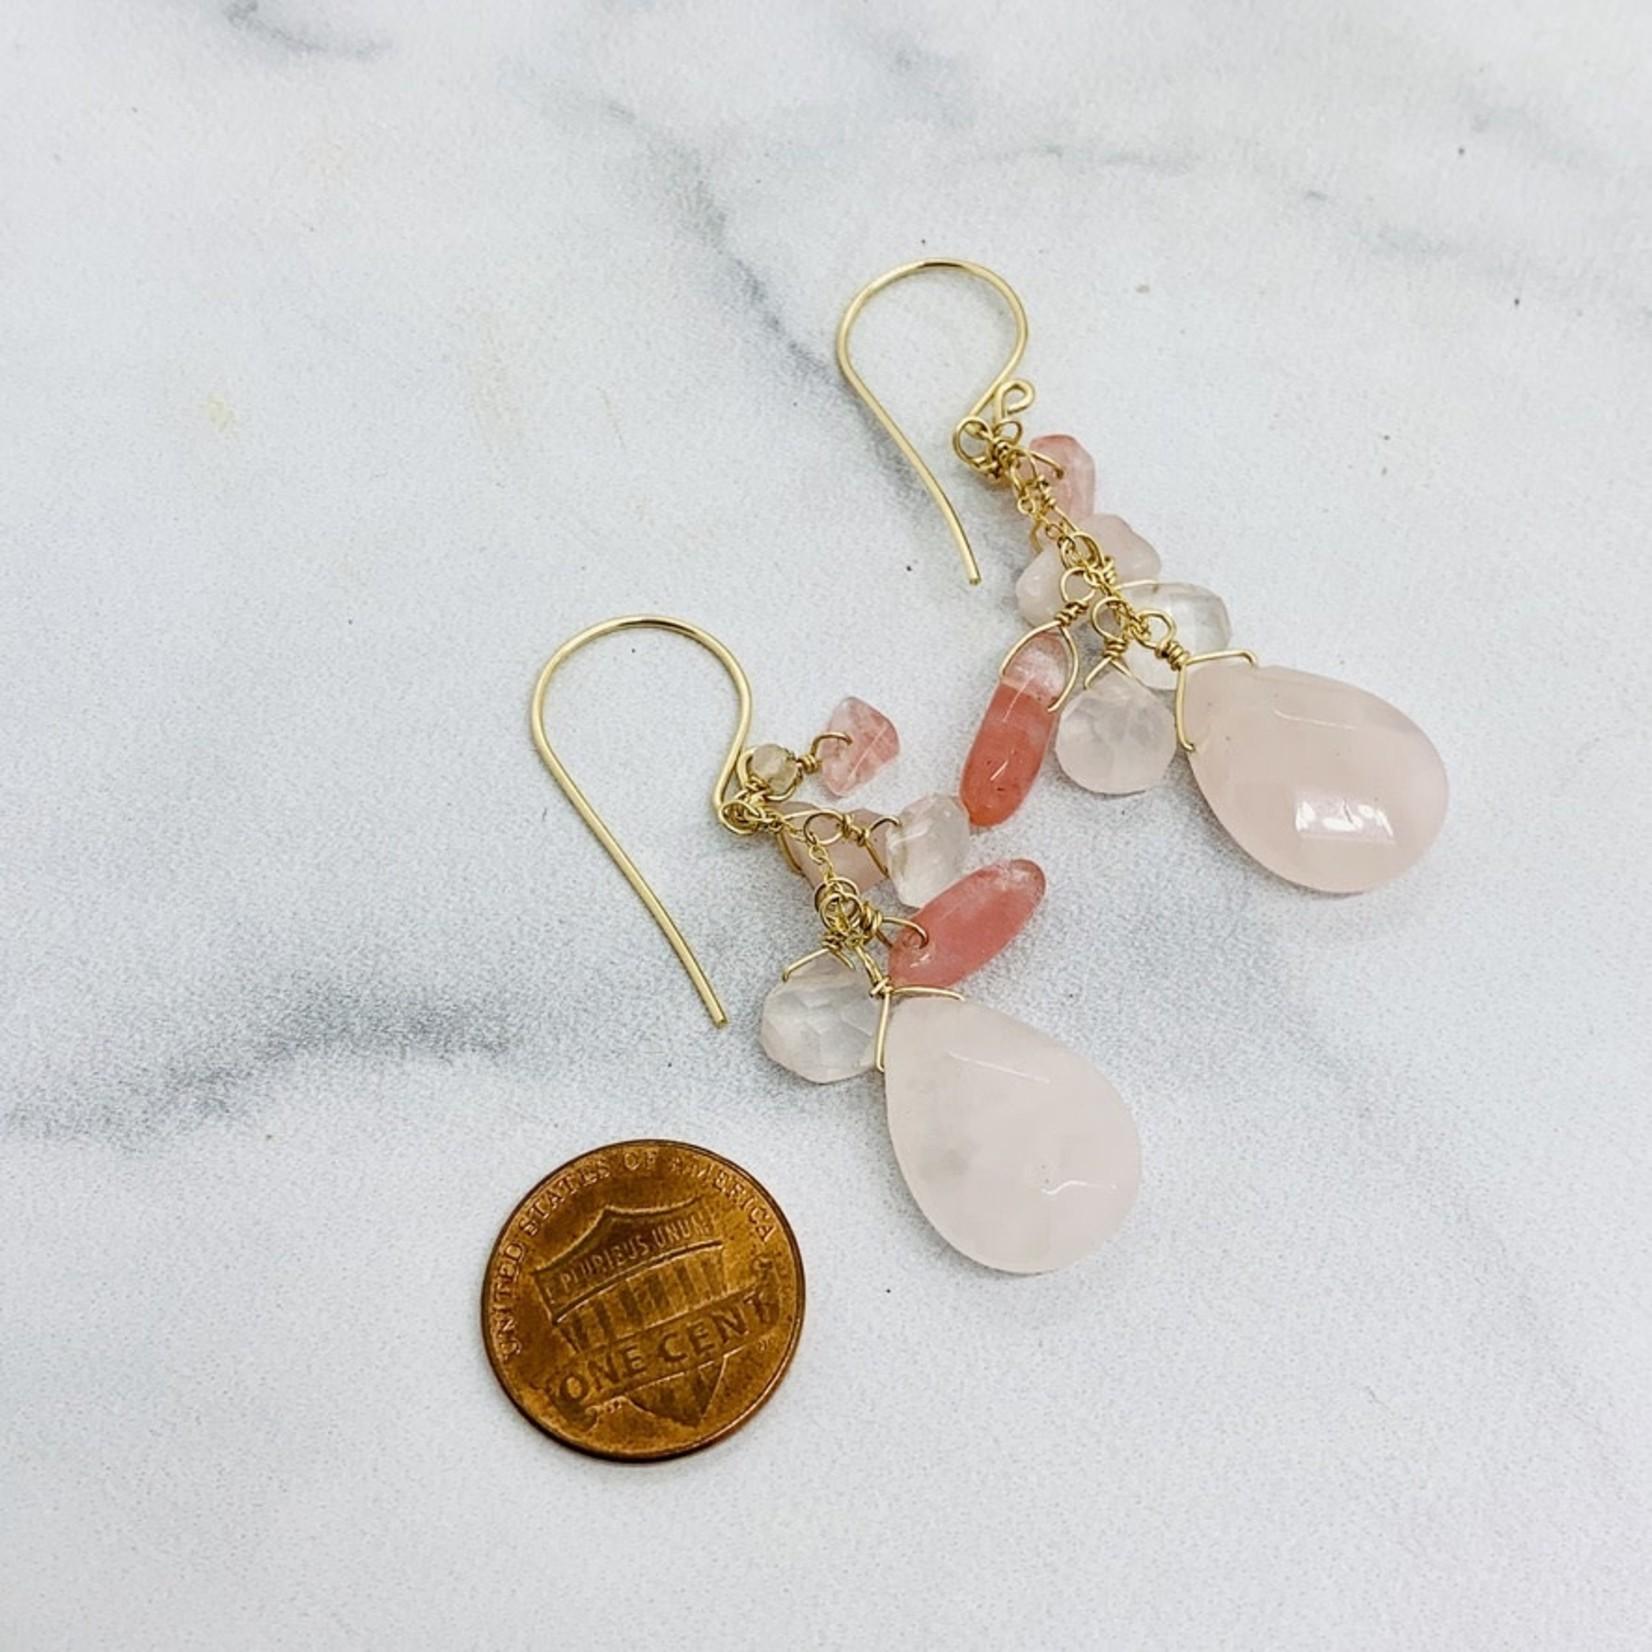 Handmade 14k Goldfill Earrings with Rose Quartz Cascade